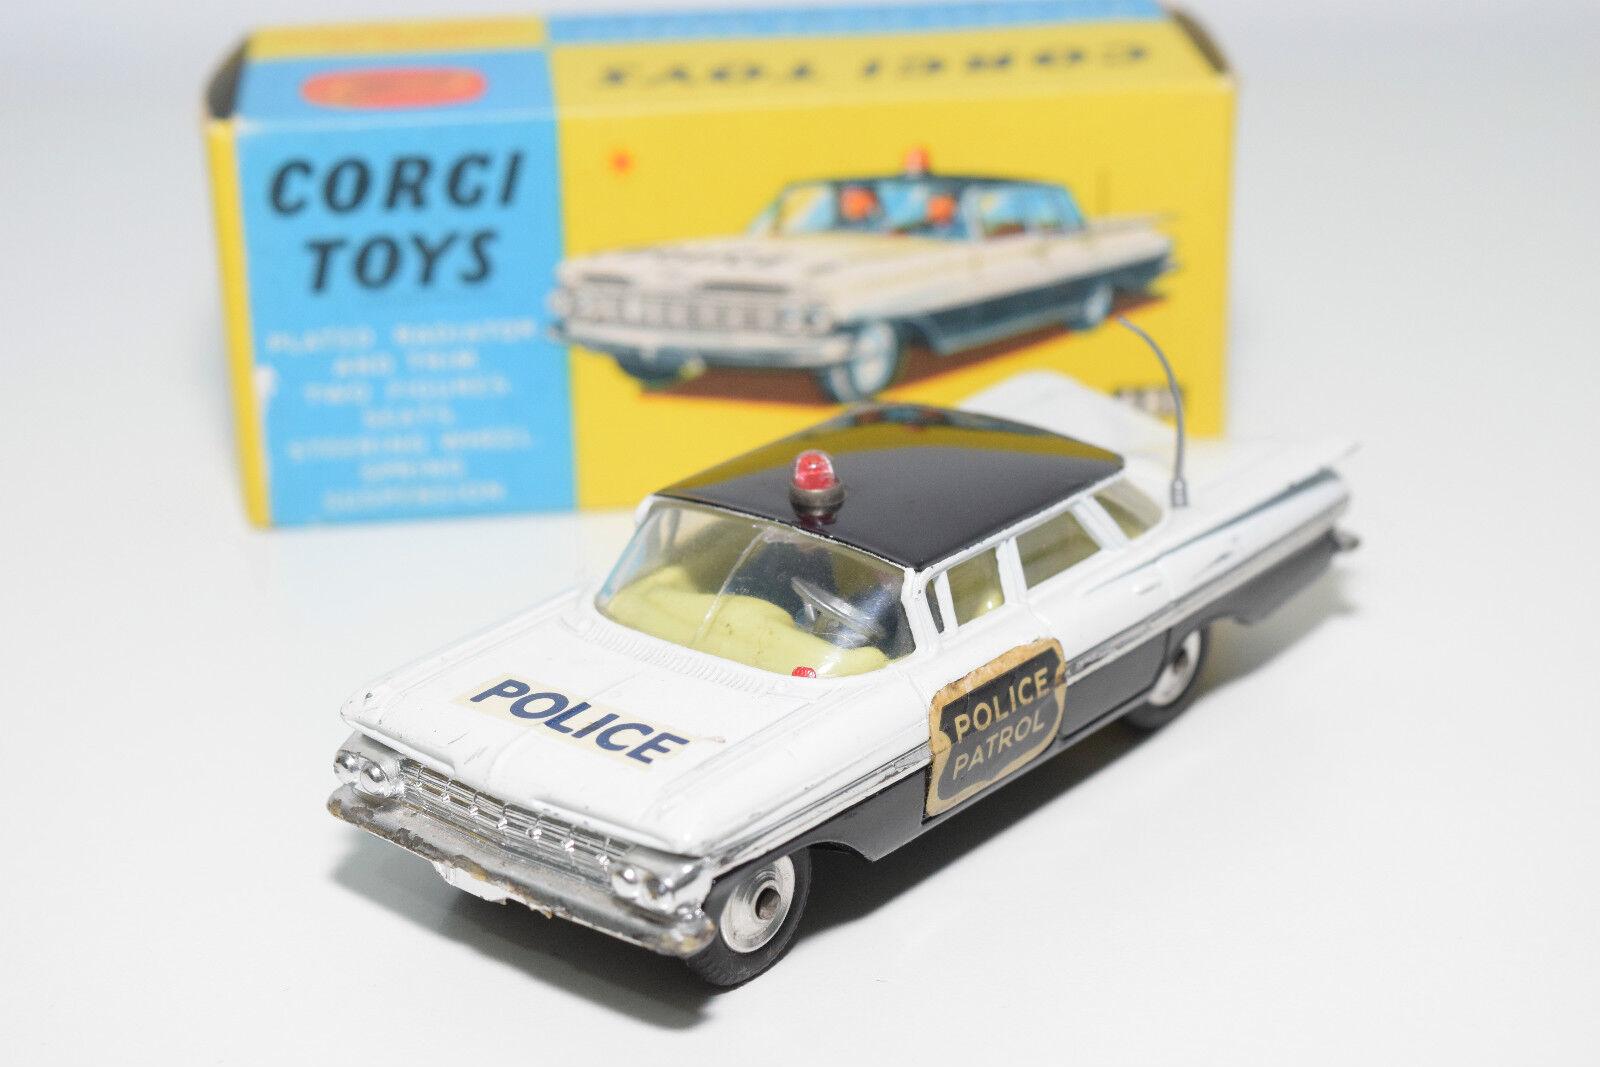 Corgi spielzeug 481 chevrolet polizeiautos patrouille ausgezeichnete boxen